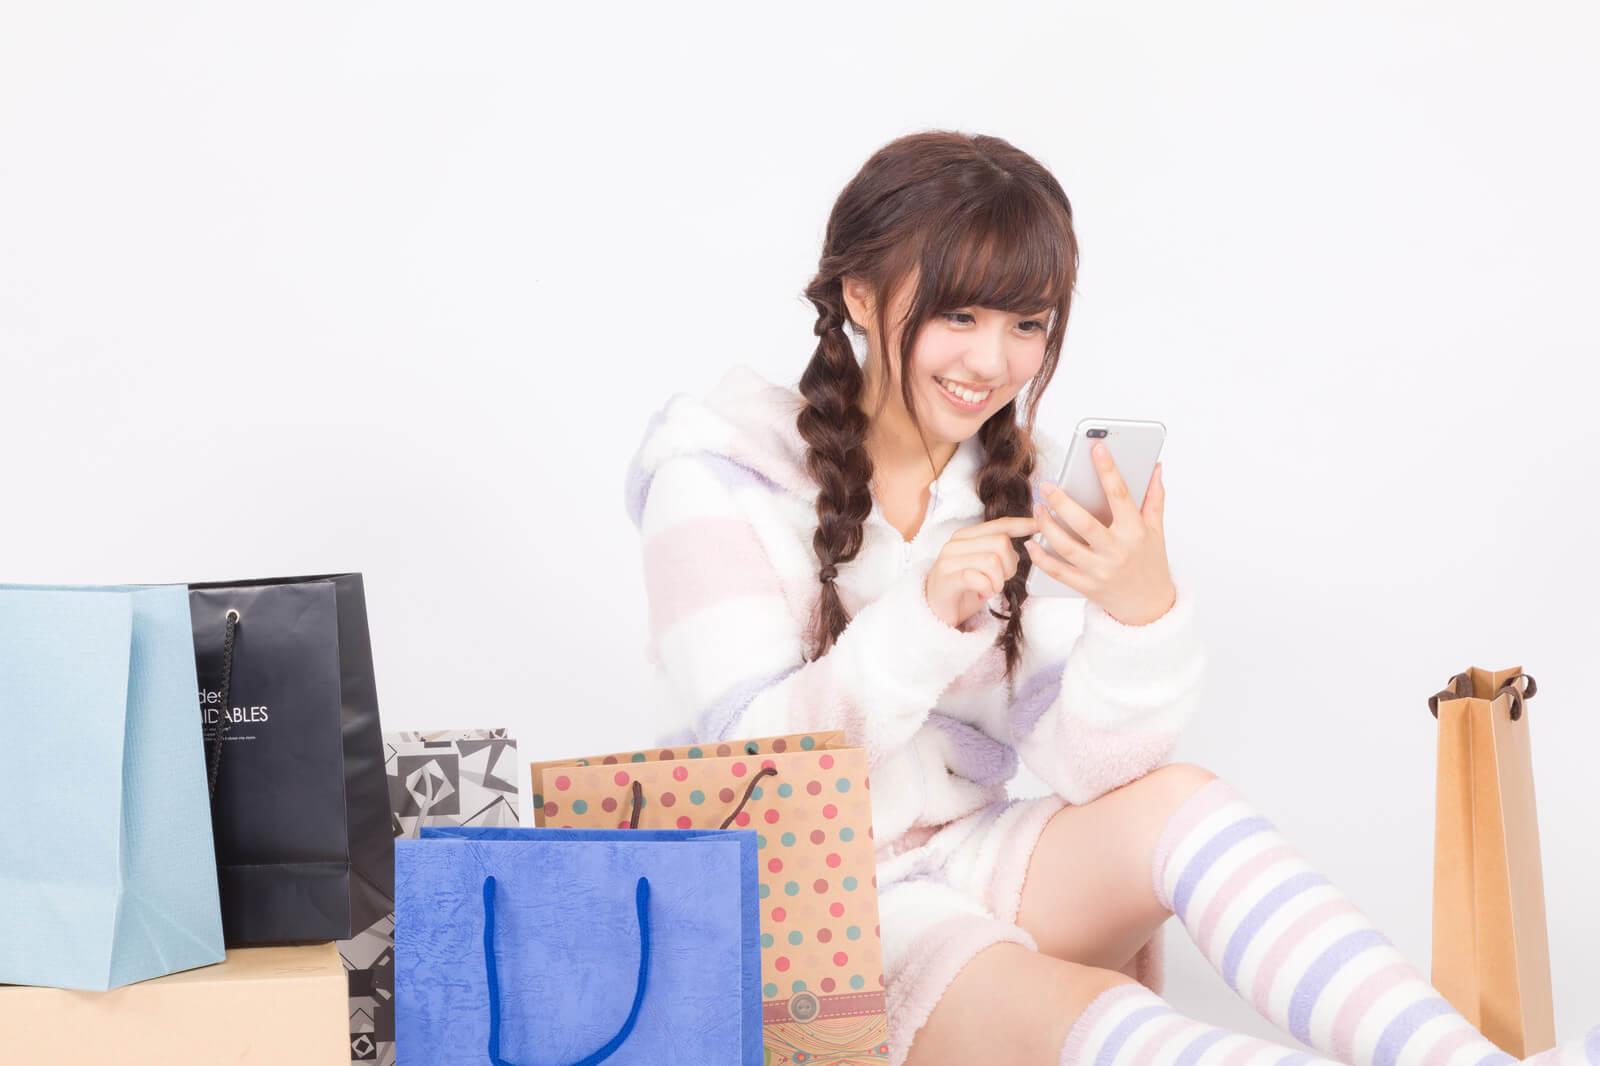 ネットで買い物をする女の子